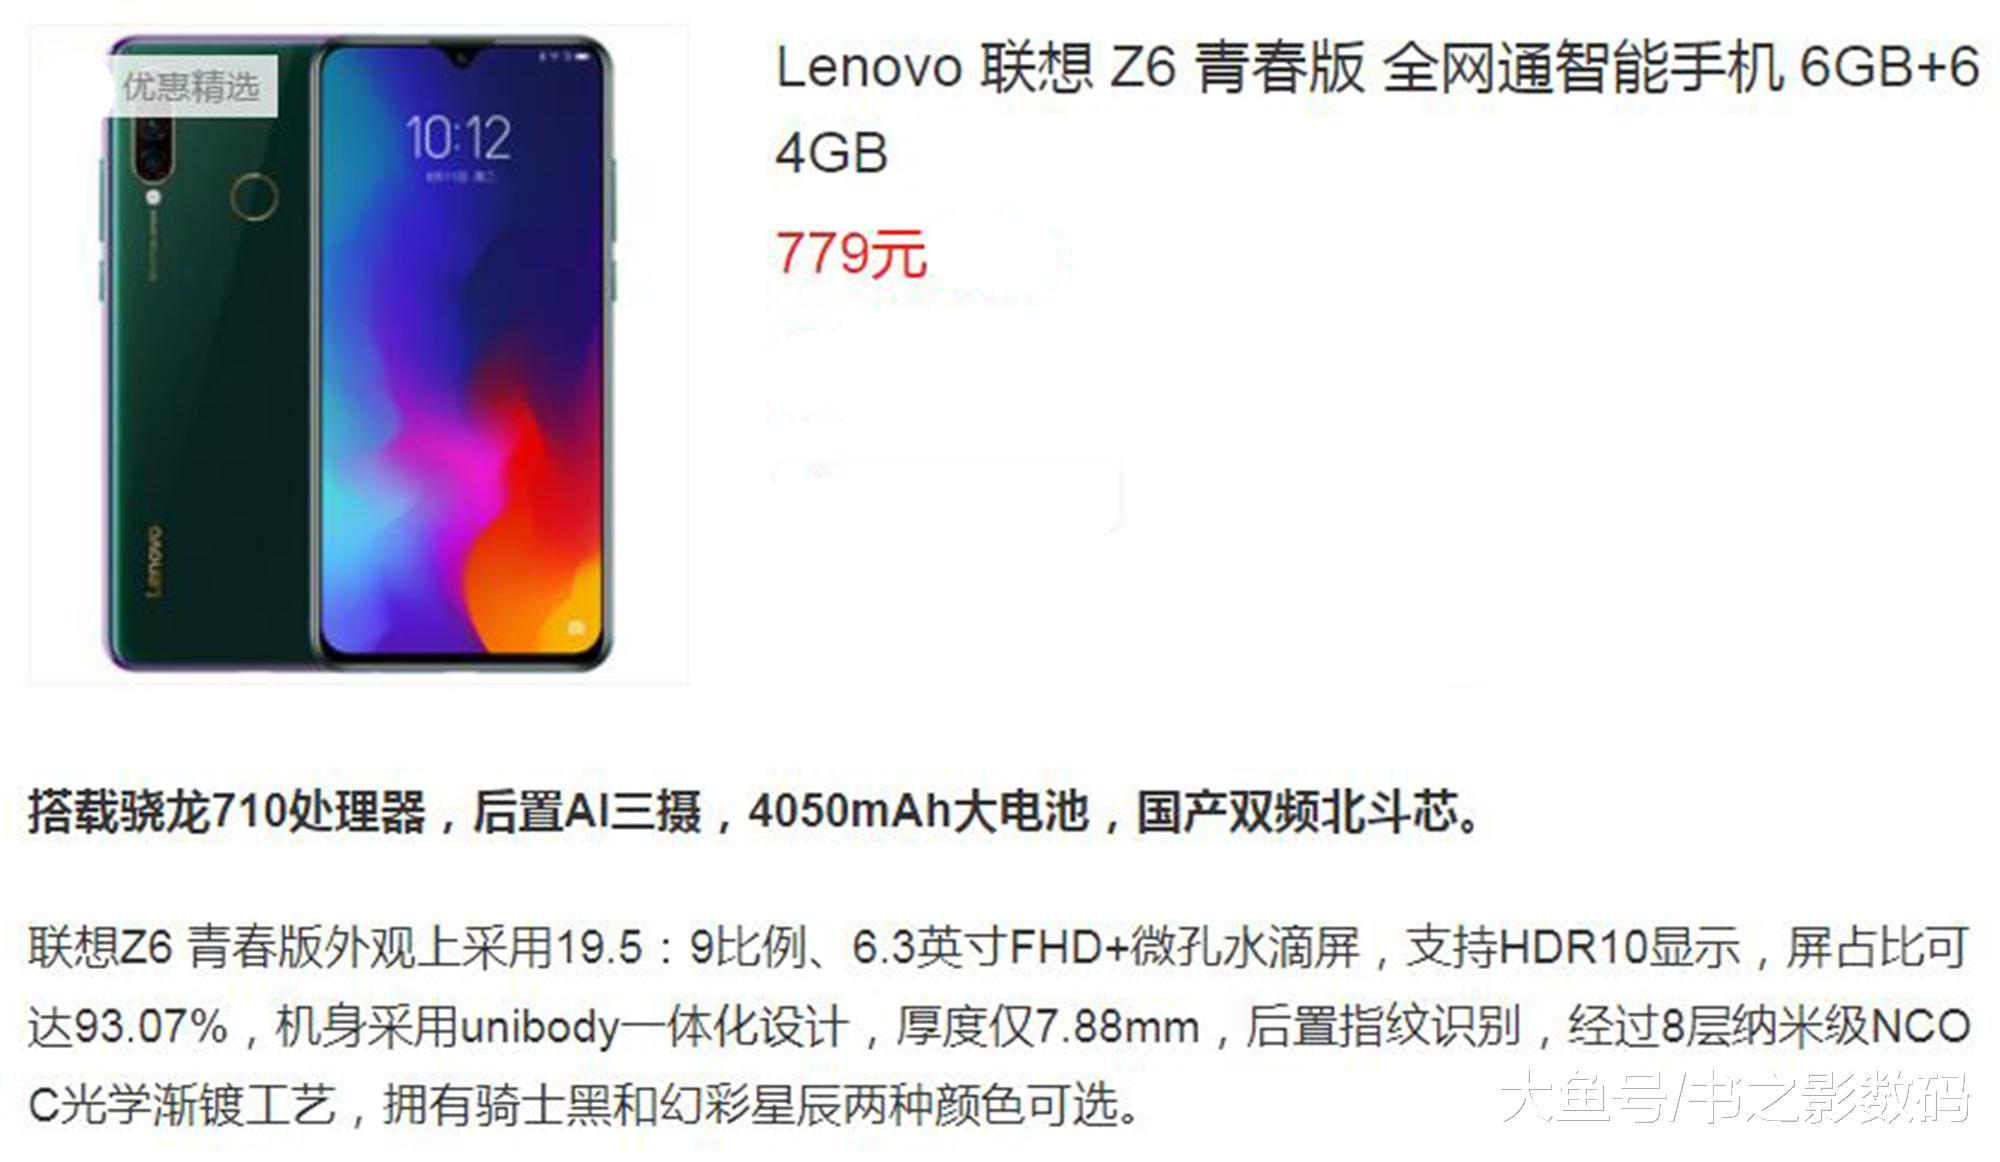 从1399降至779, 骁龙710+6GB+大电池千元机, 性价比变得更高